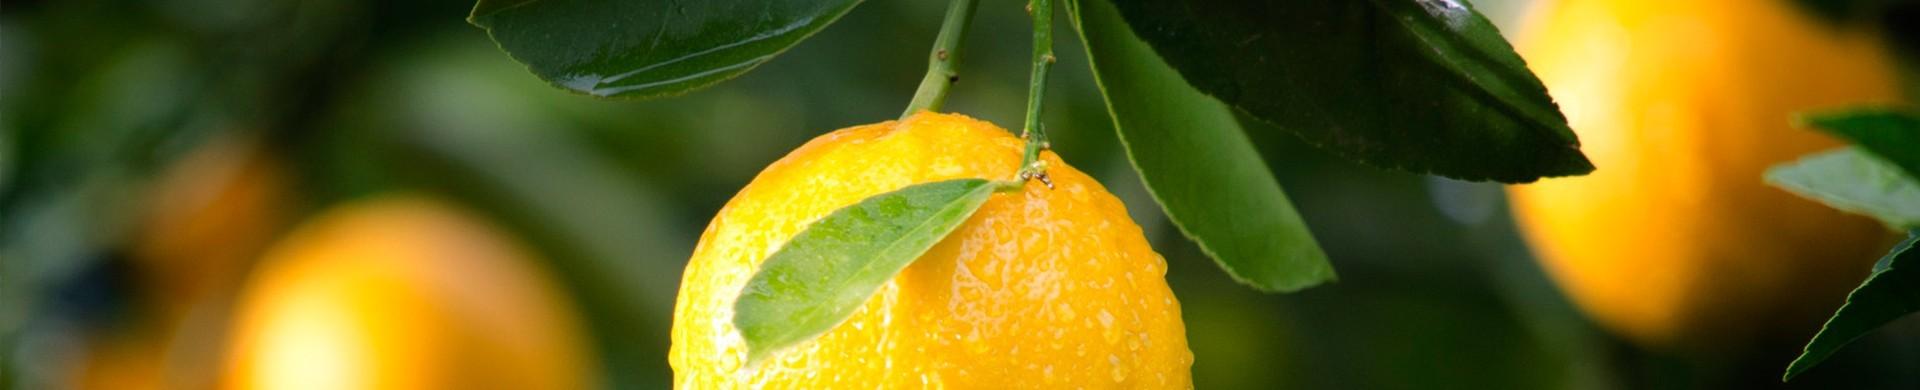 Comprar naranjos y limoneros - Venta de naranjos y limoneros